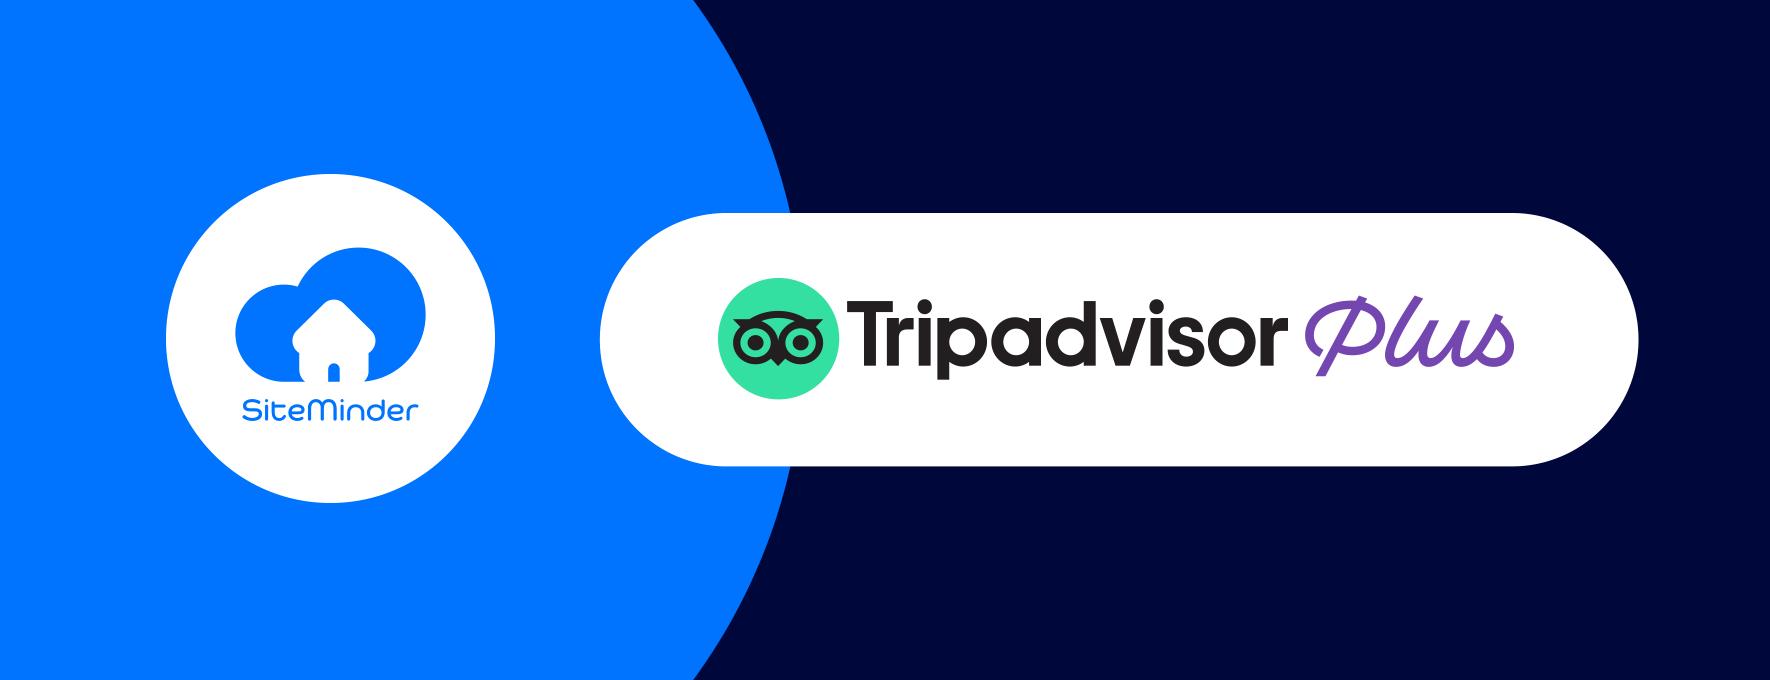 Tripadvisor-Plus-announcement-website